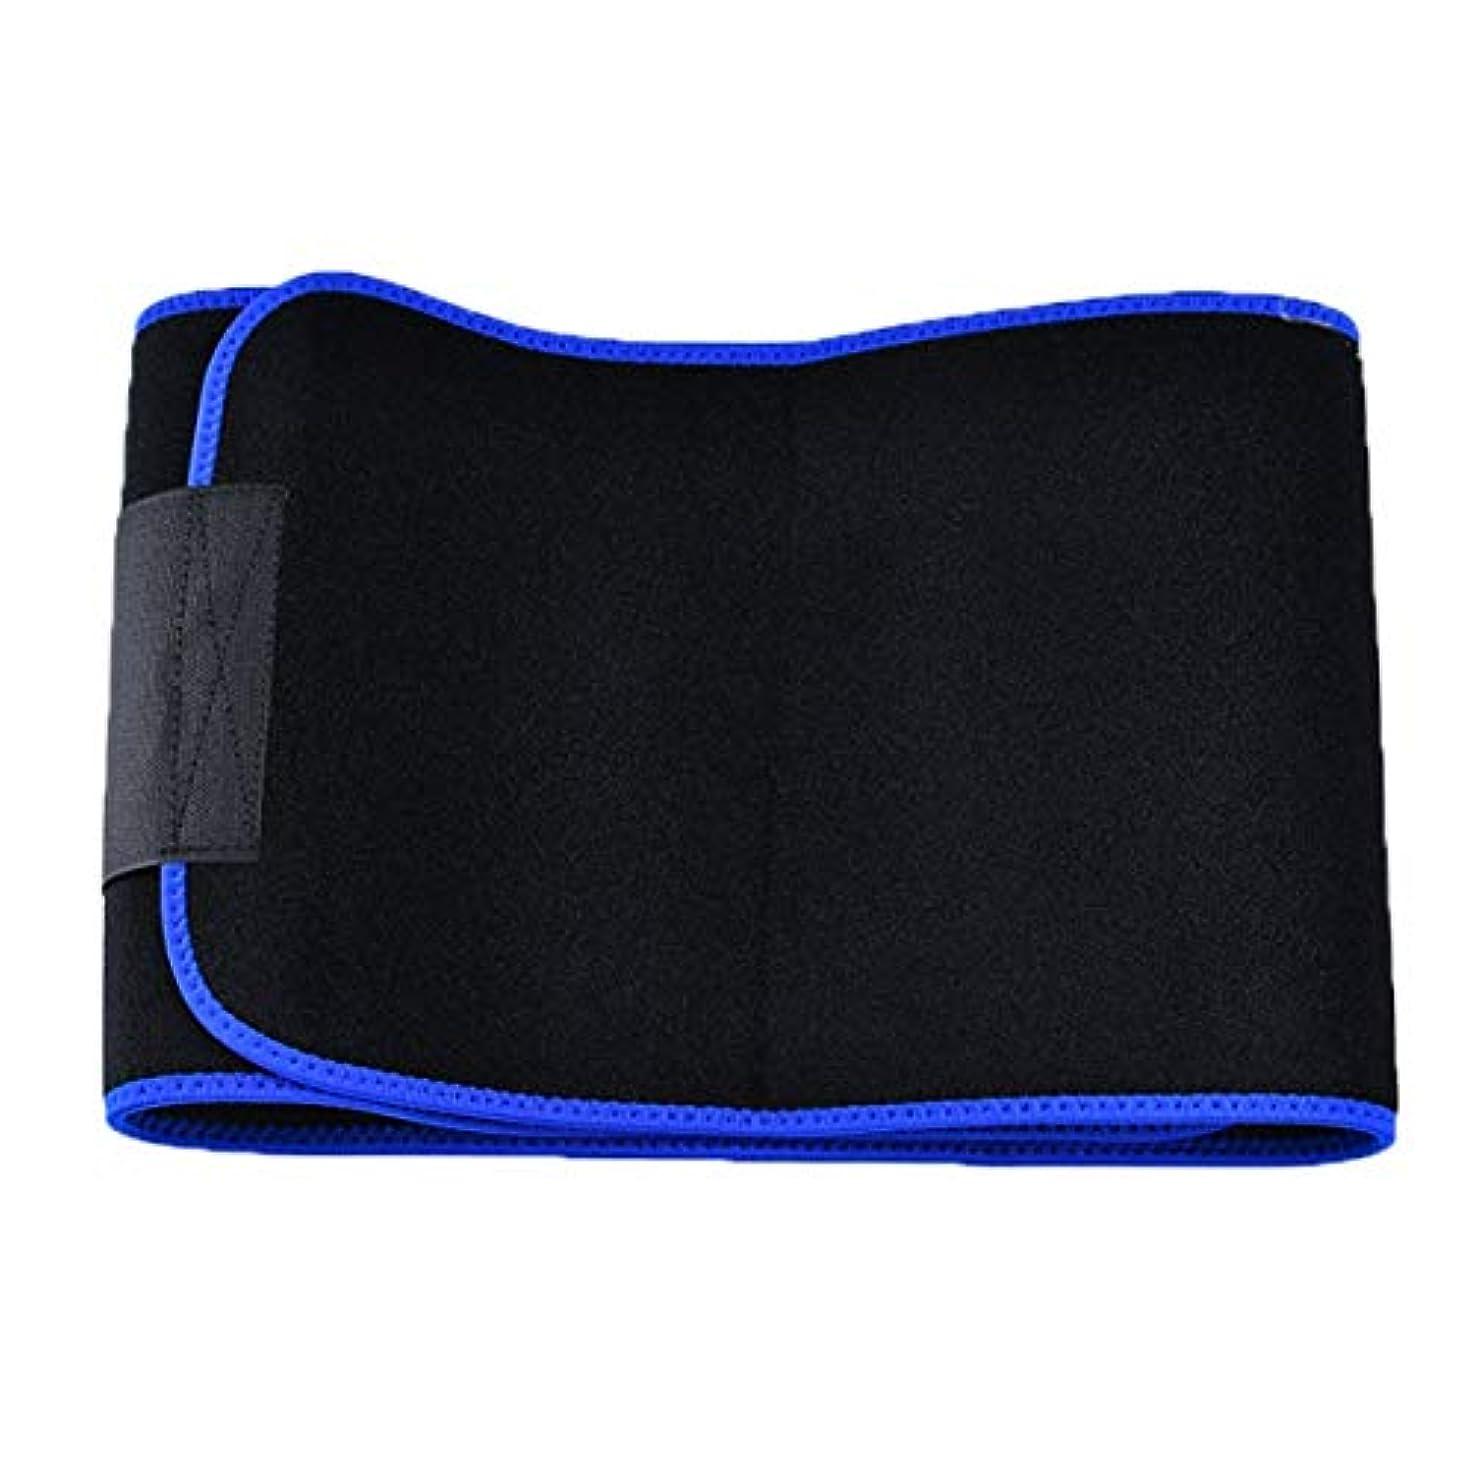 皮山積みのきらめき腹部プラスチックベルトウエストサポートボディシェイパートレーニングコルセット痩身ウエストベルトスリム汗スポーツ保護具